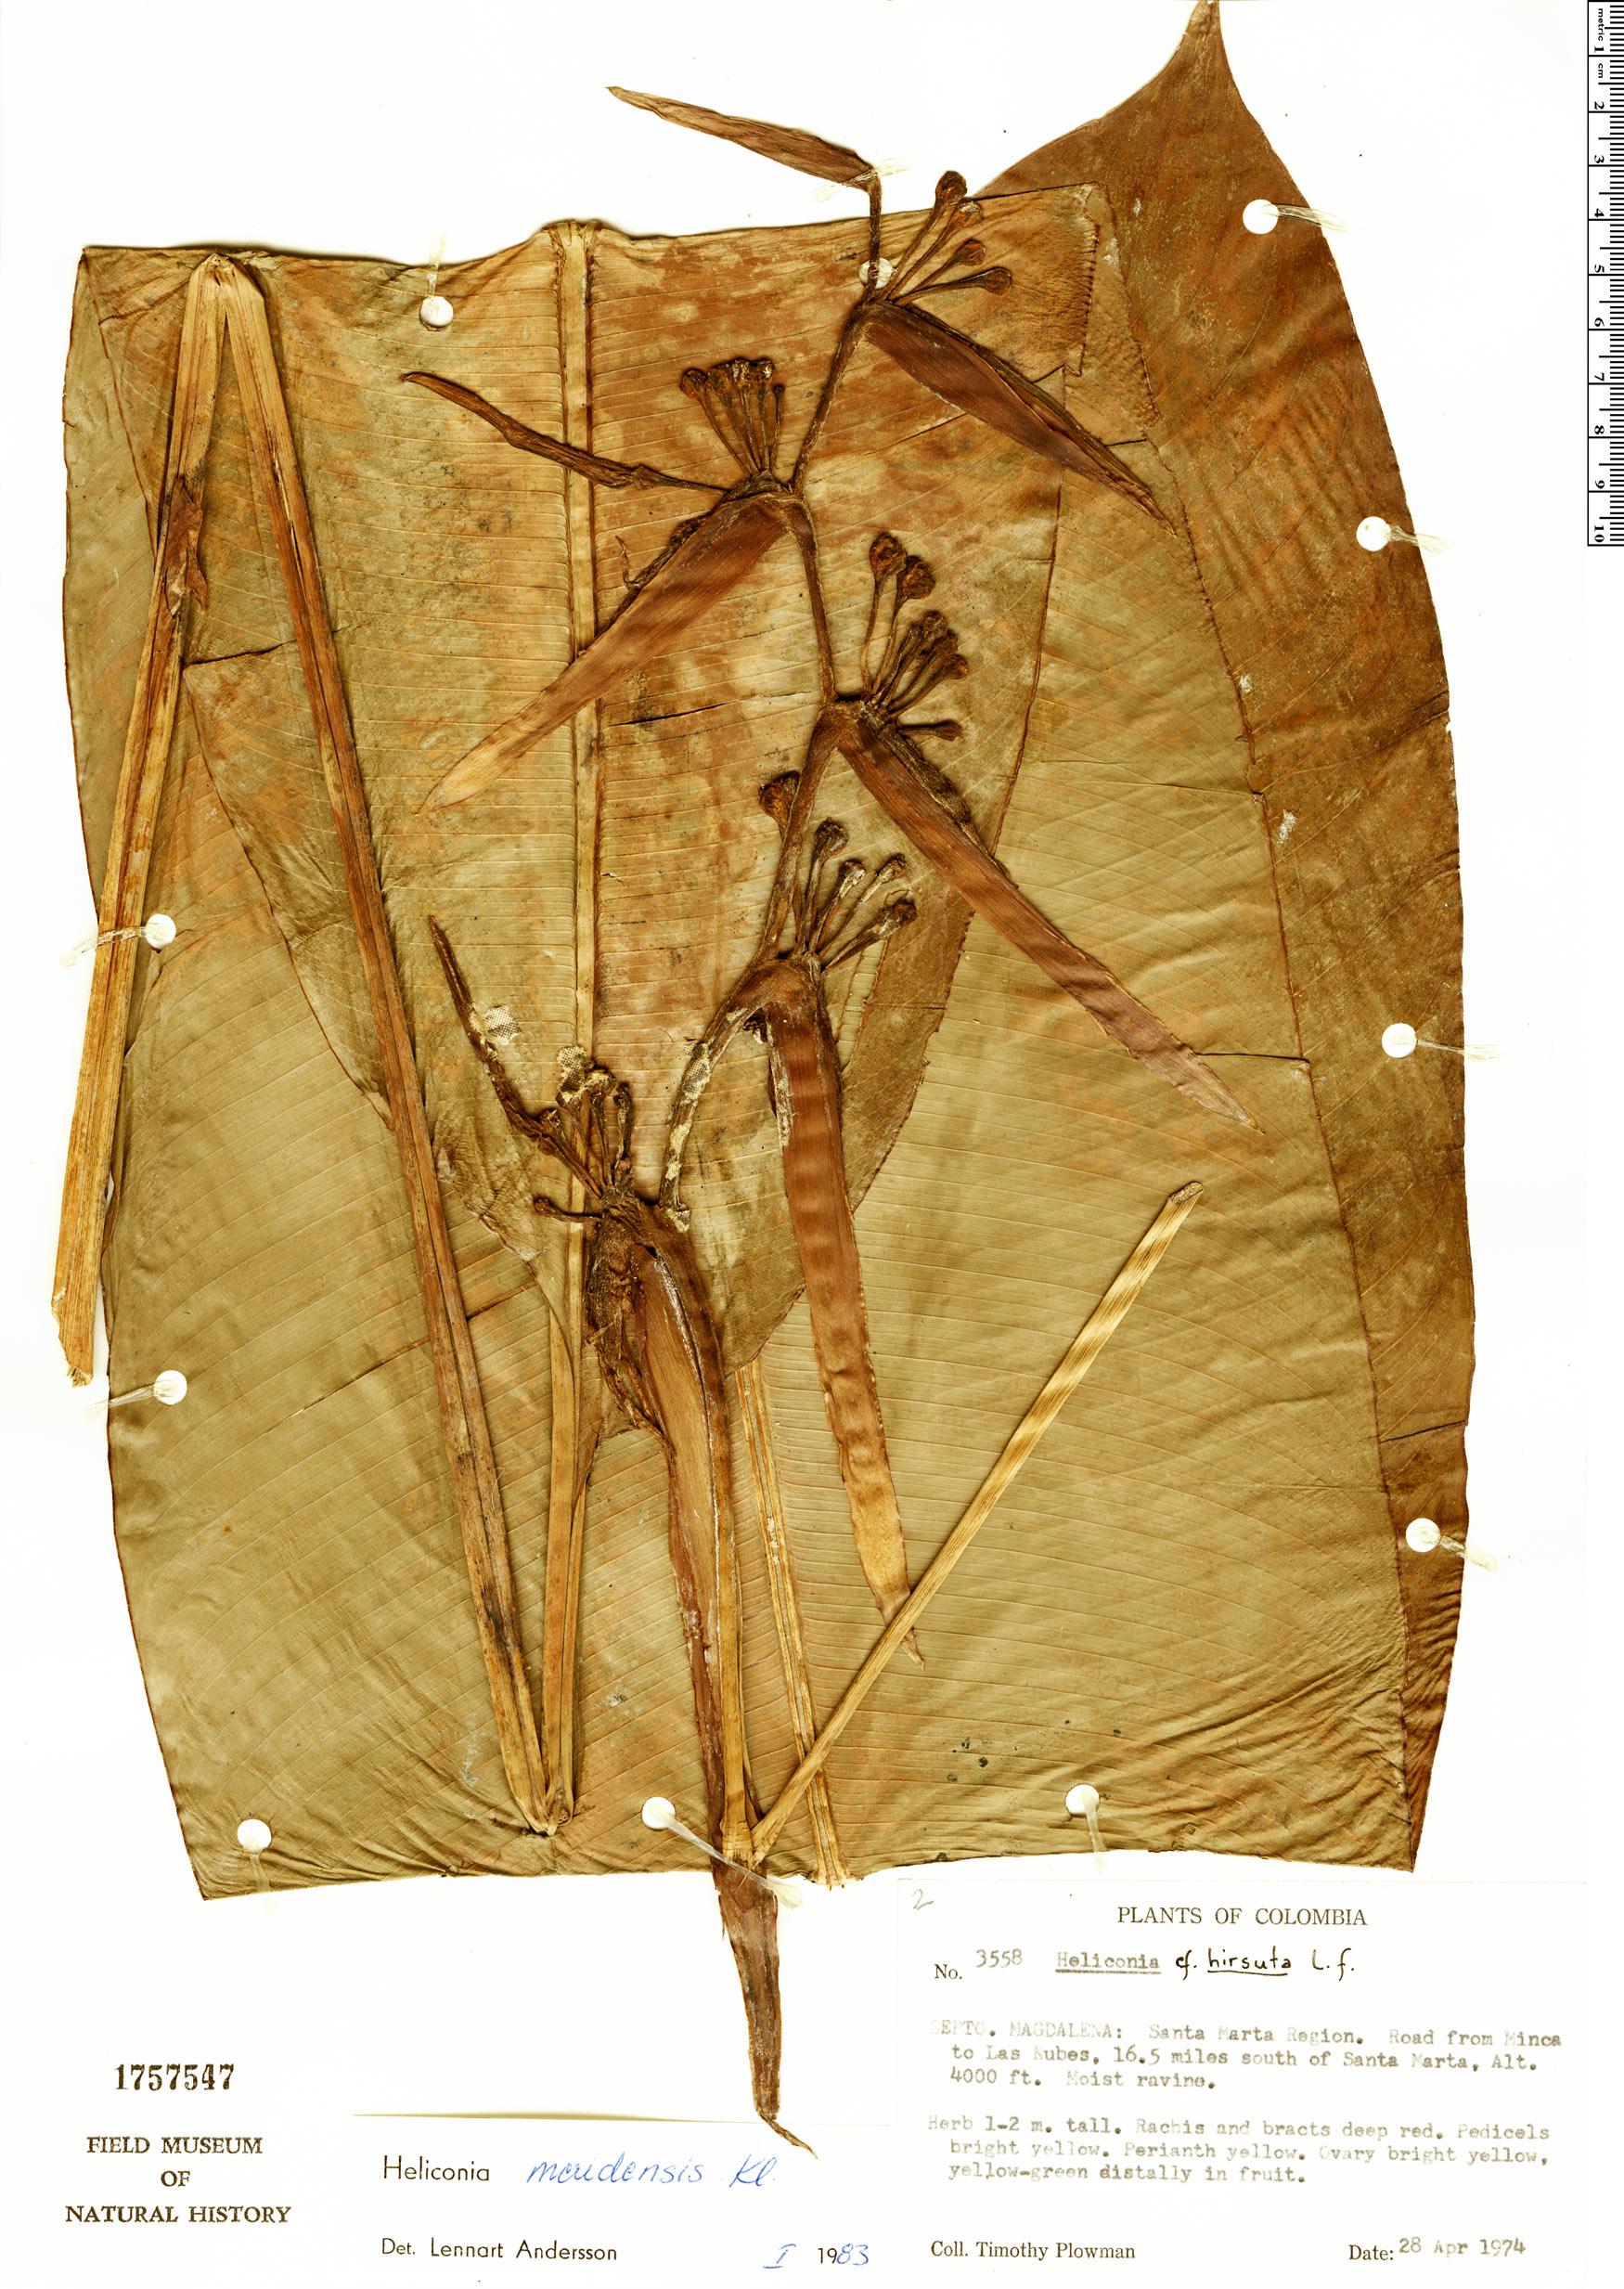 Specimen: Heliconia meridensis